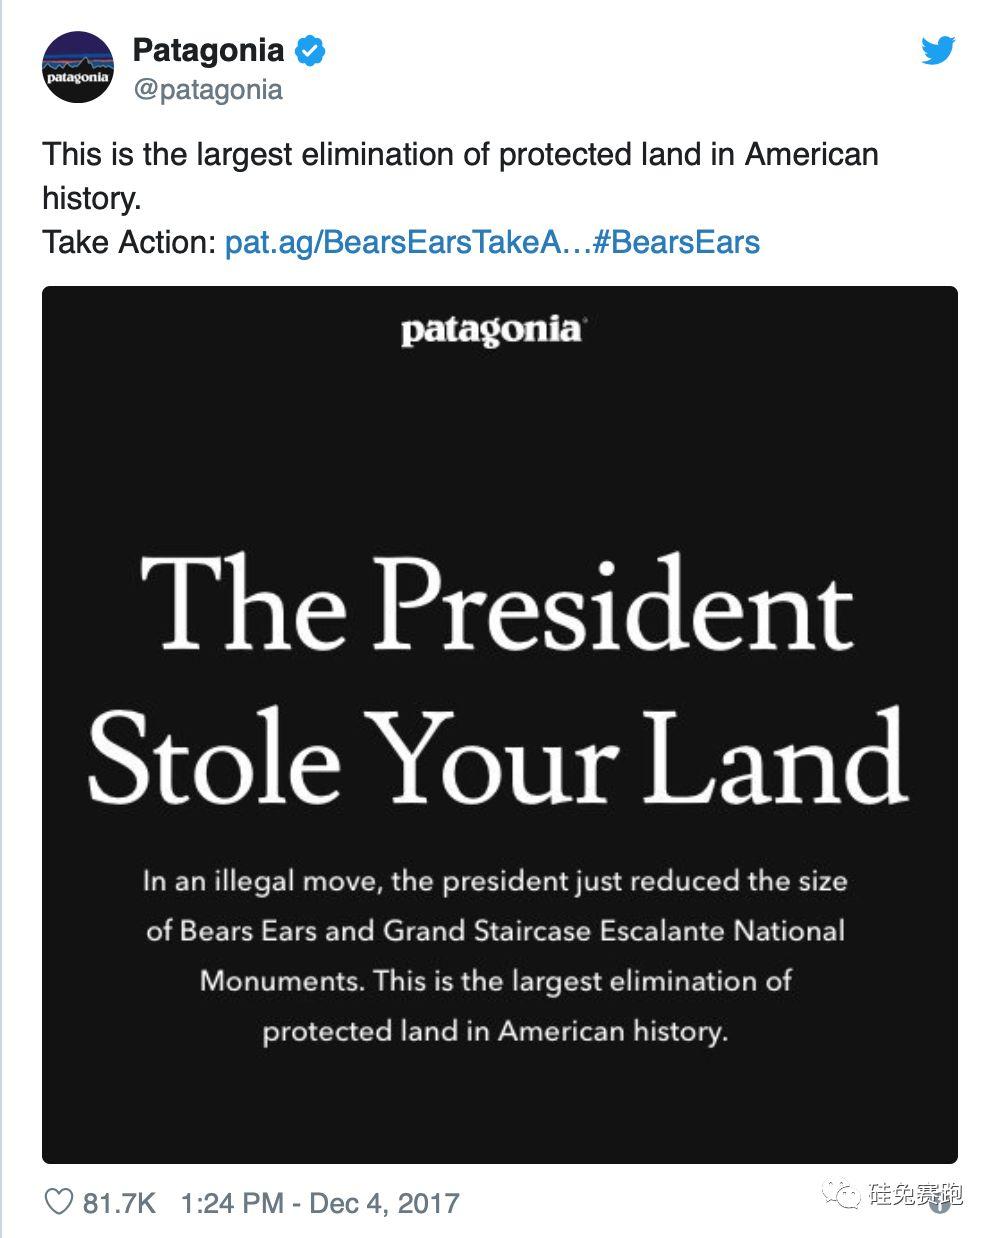 美国历史上最大的保留地破坏计划